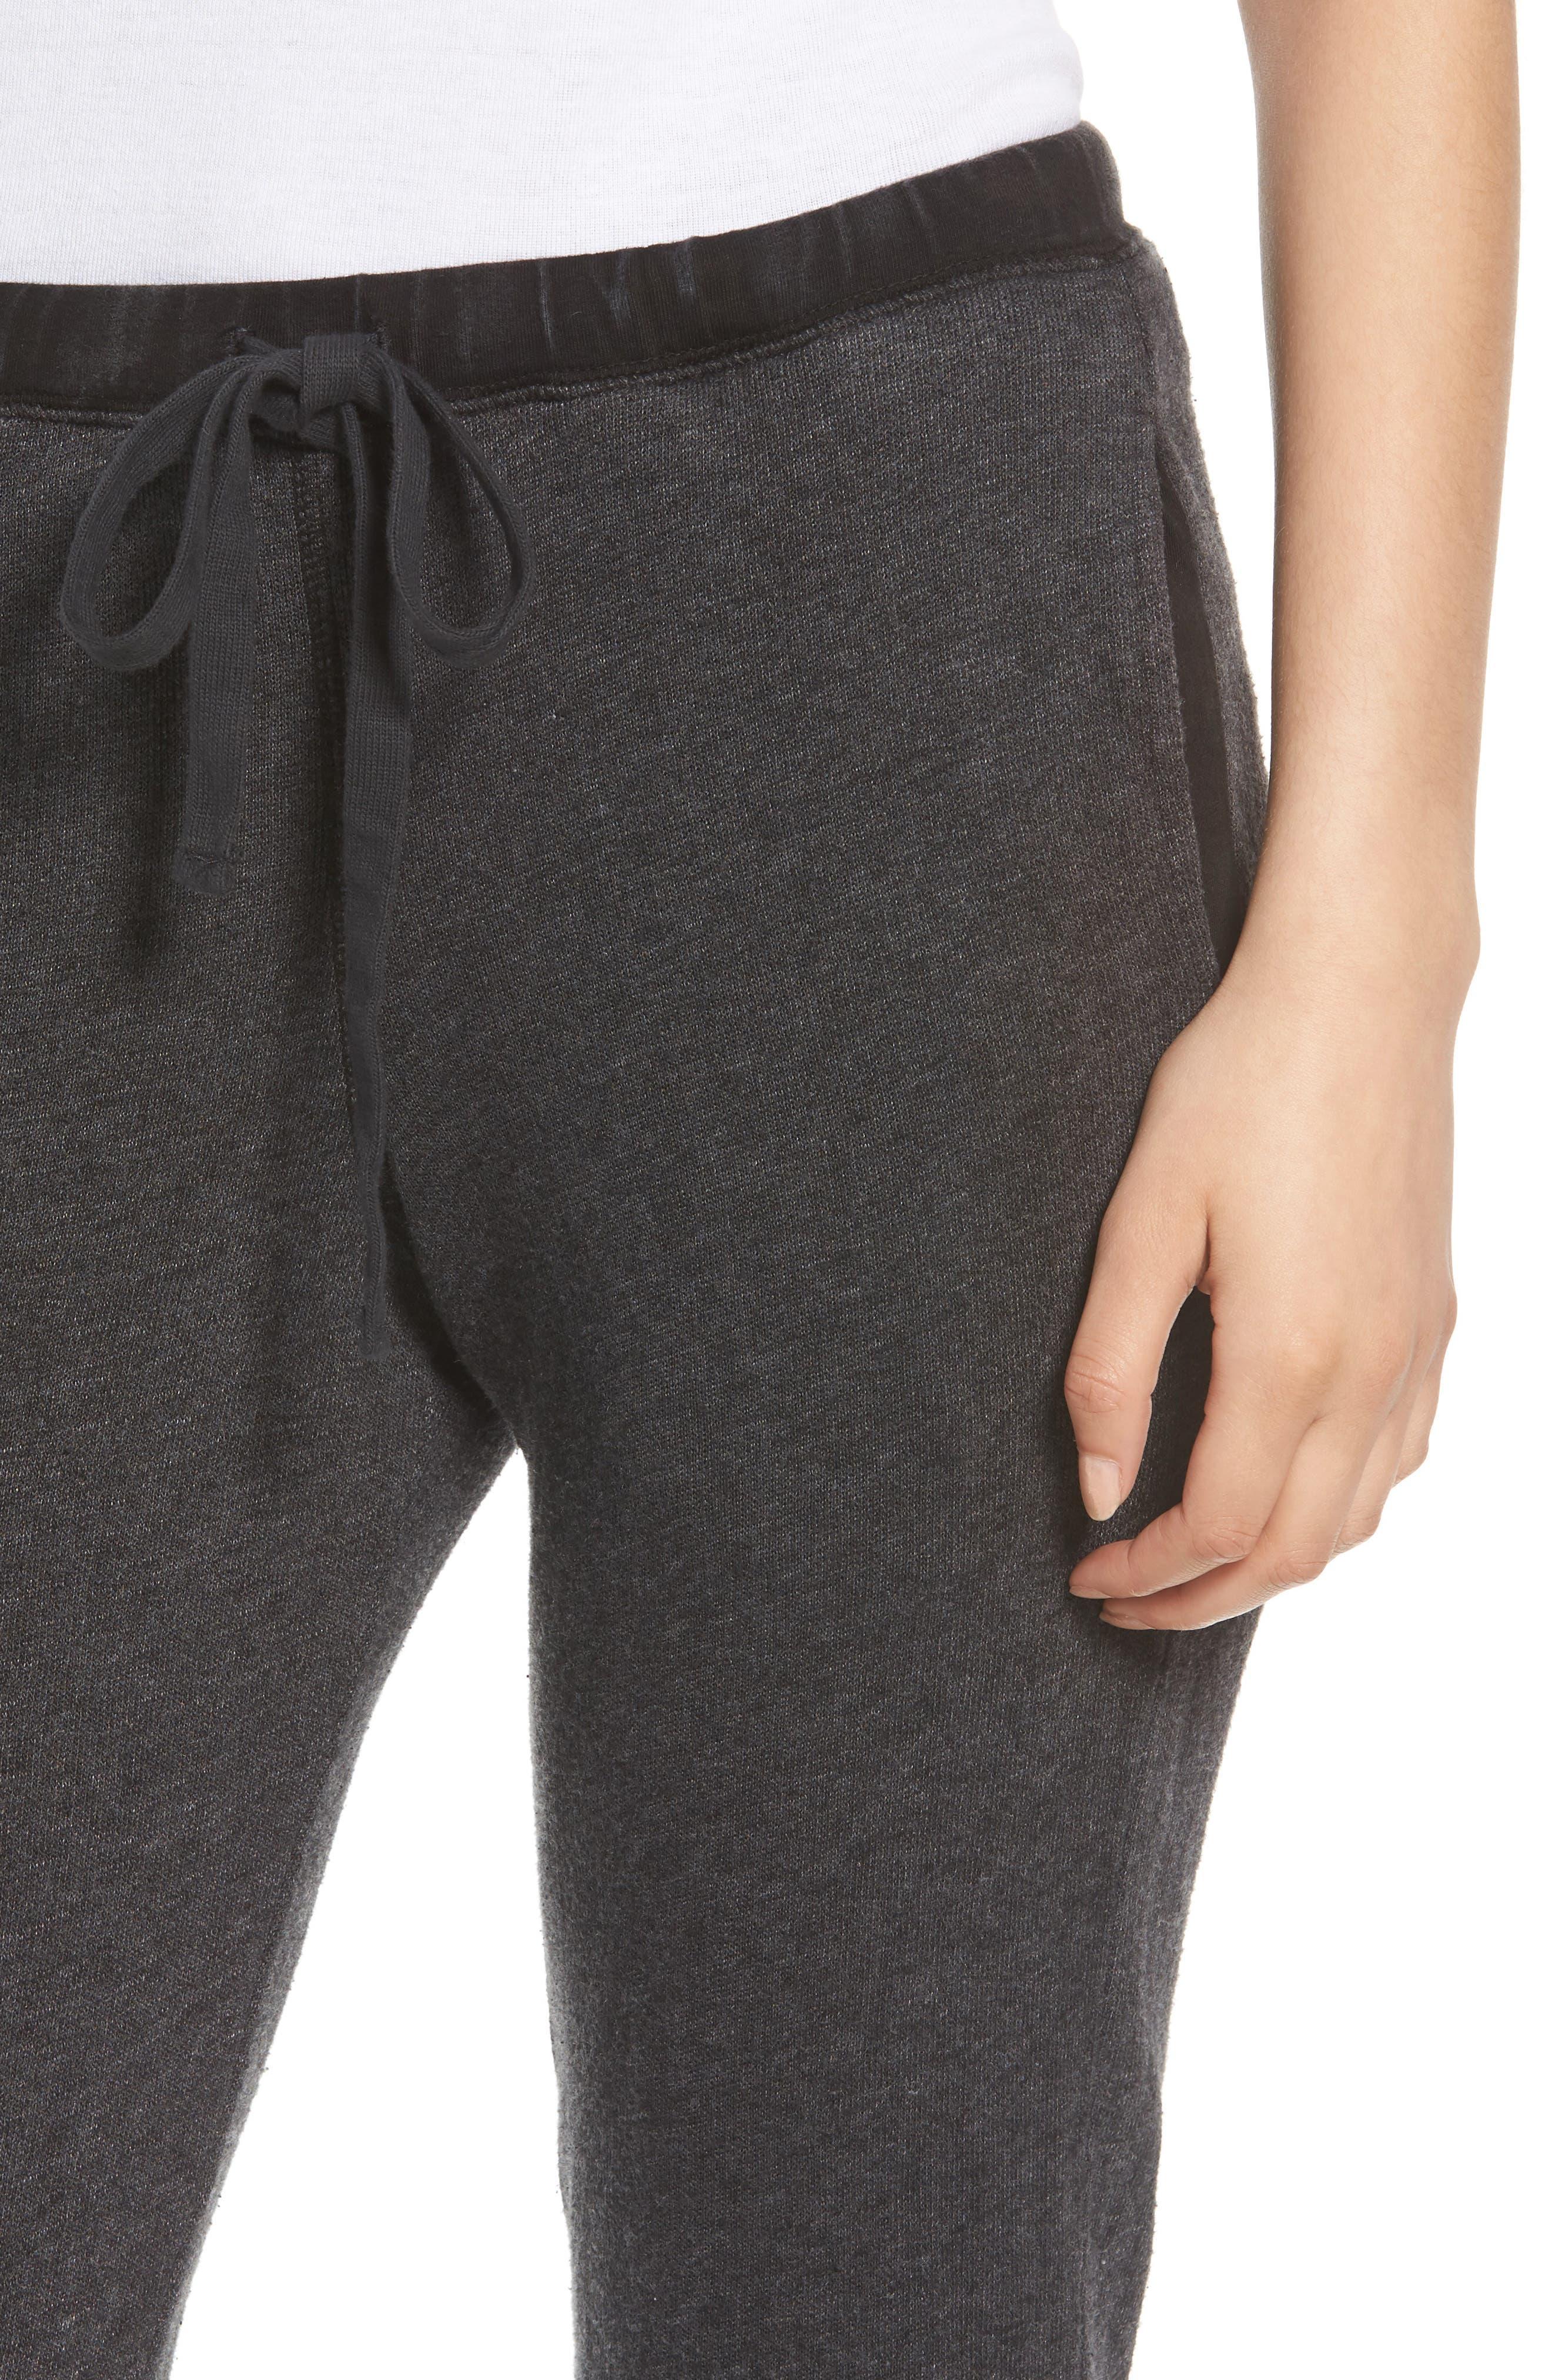 Kiama Lounge Pants,                             Alternate thumbnail 4, color,                             Mw Black